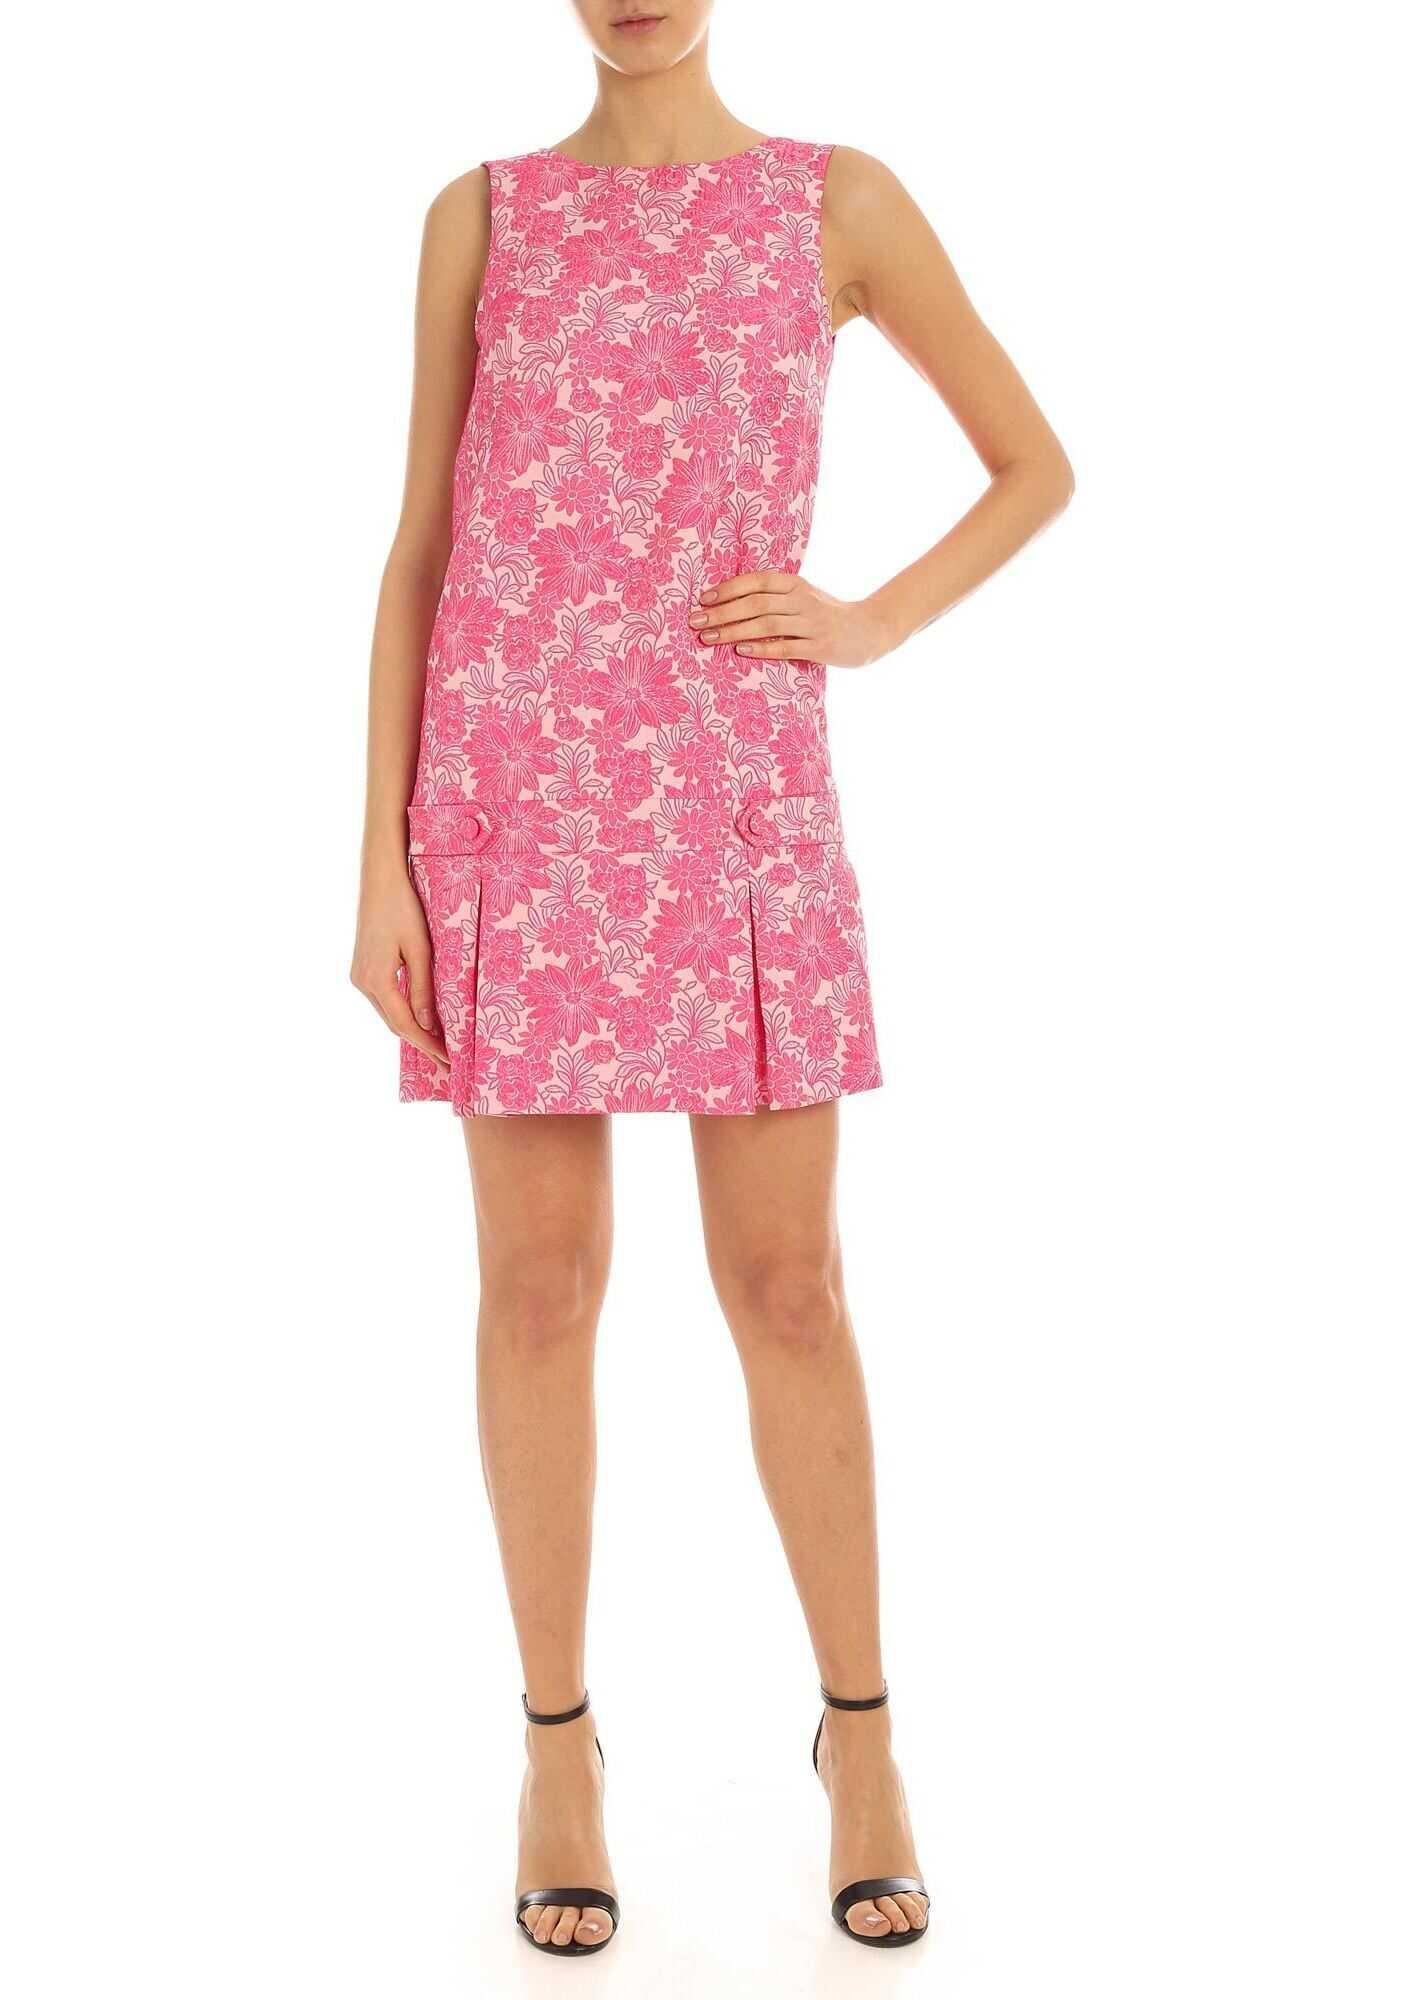 Be Blumarine Damask Pattern Dress In Pink Pink